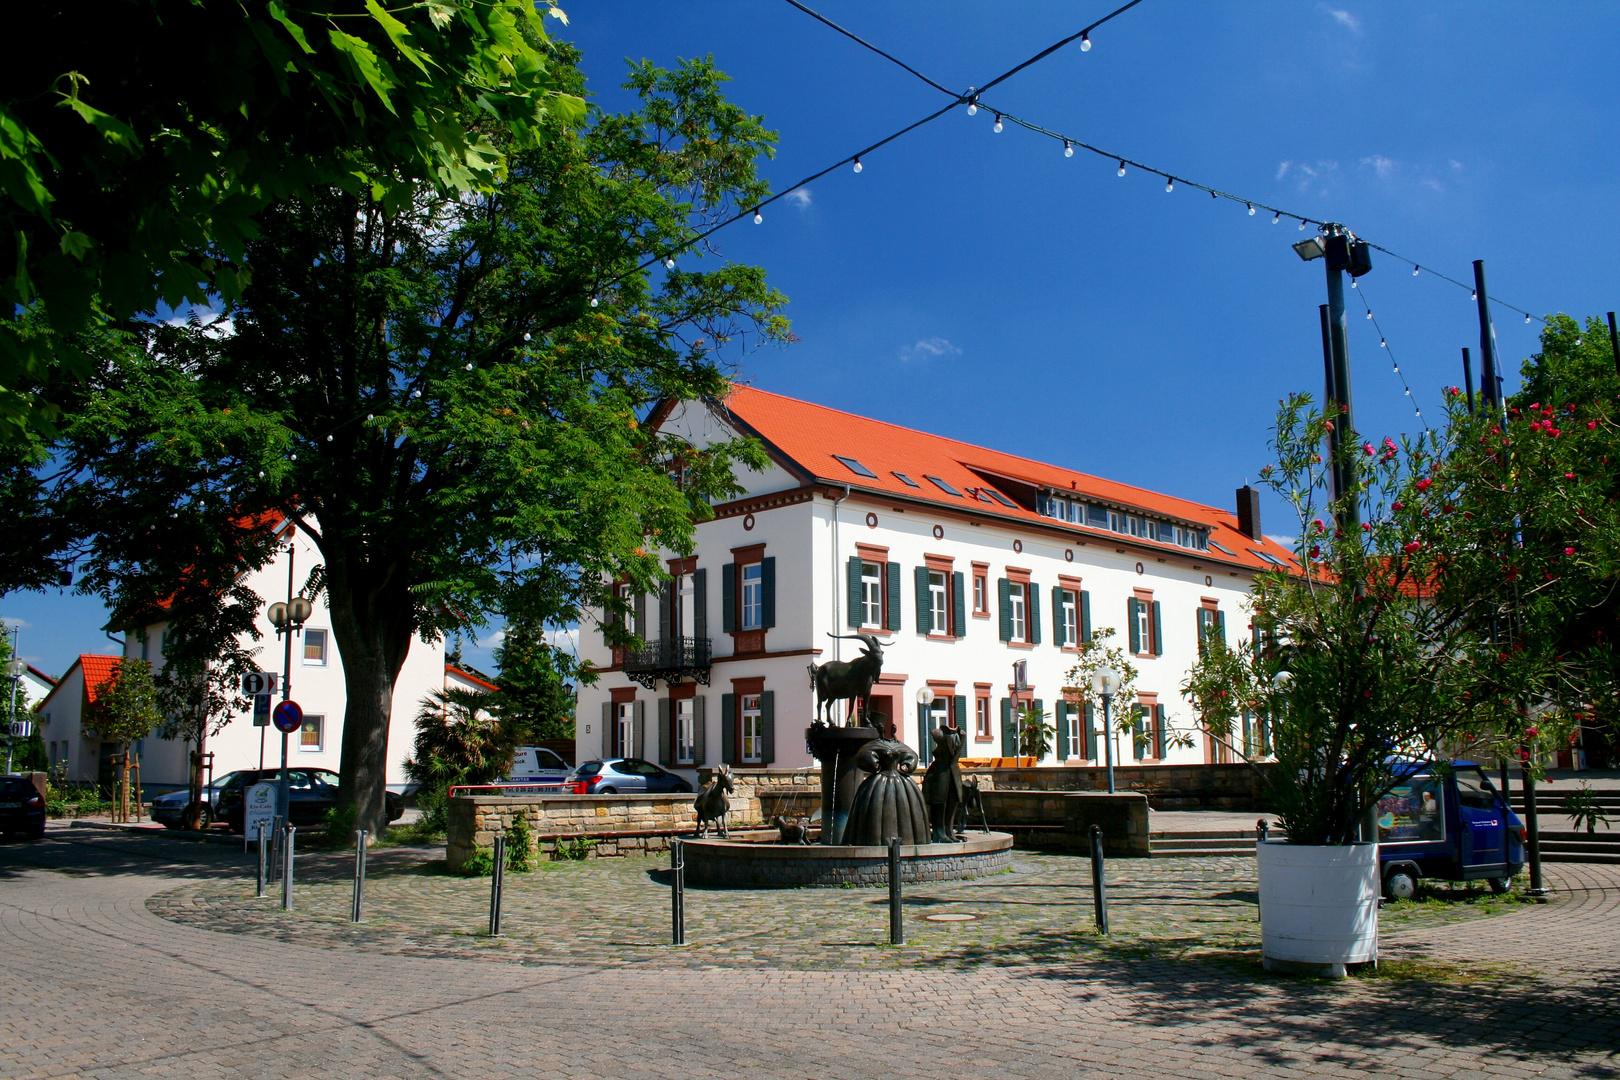 Gäsbockbrunnen Deidesheim